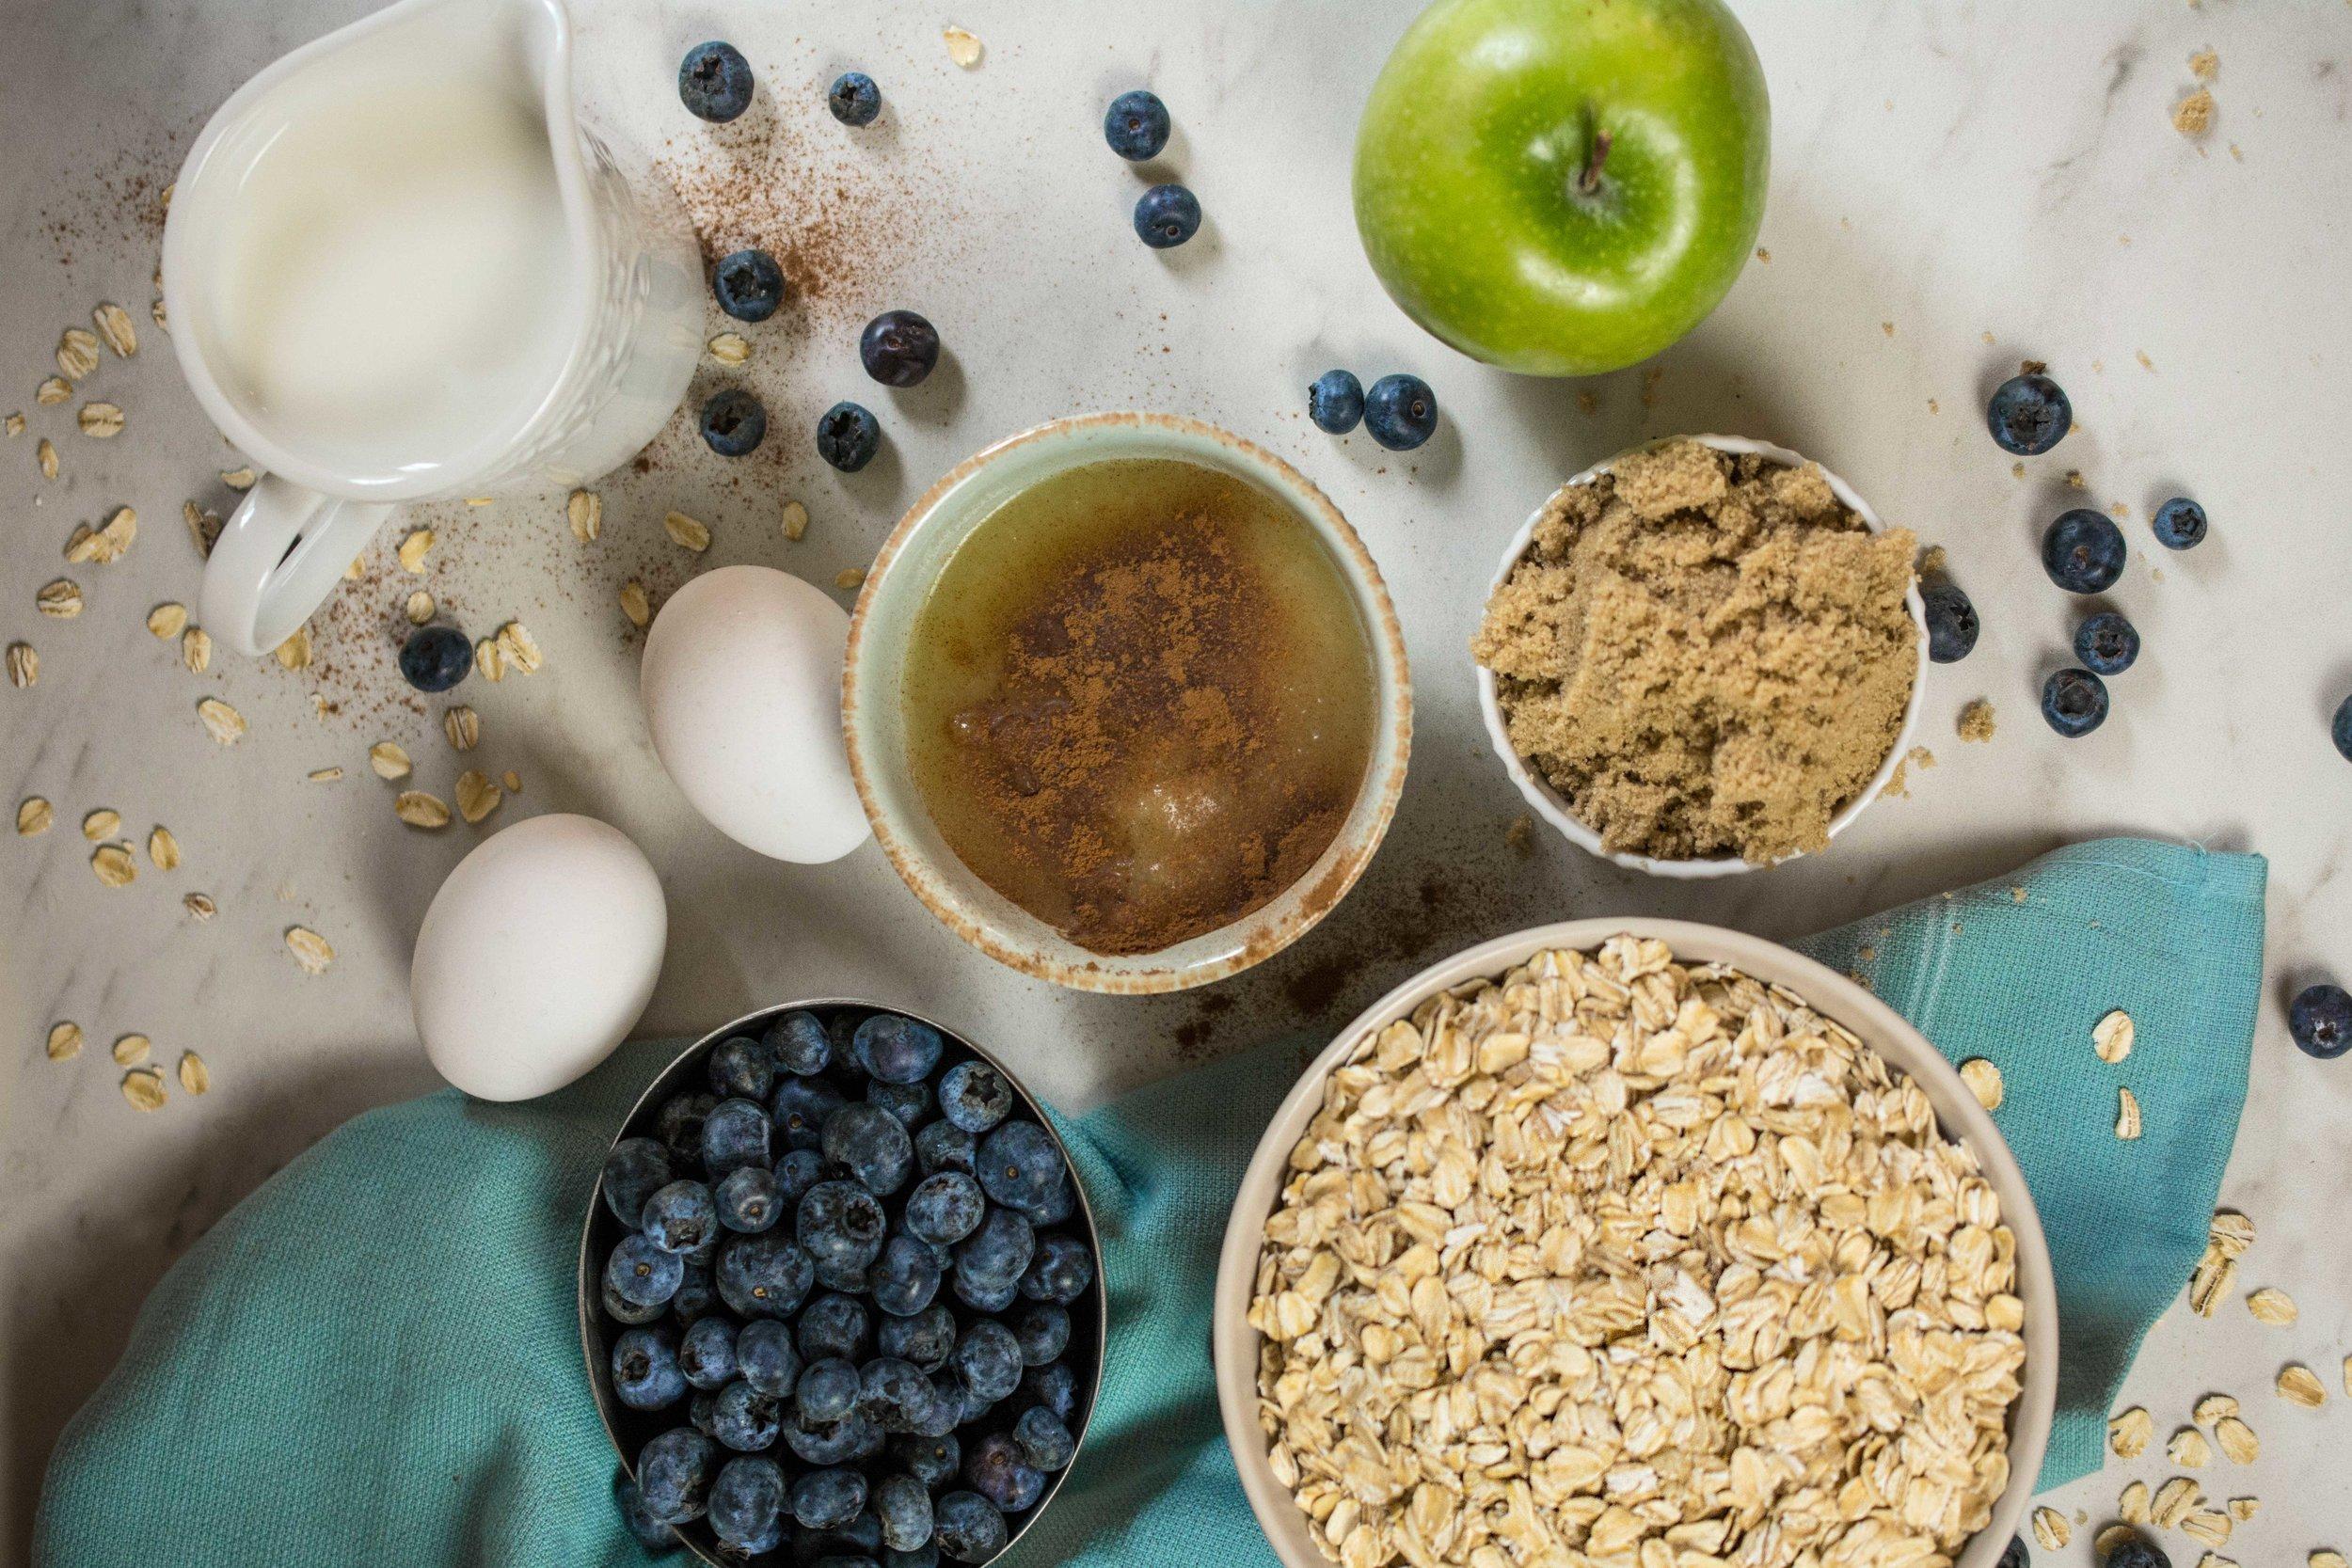 Blueberry-Oatmeal-Bake_2.jpg